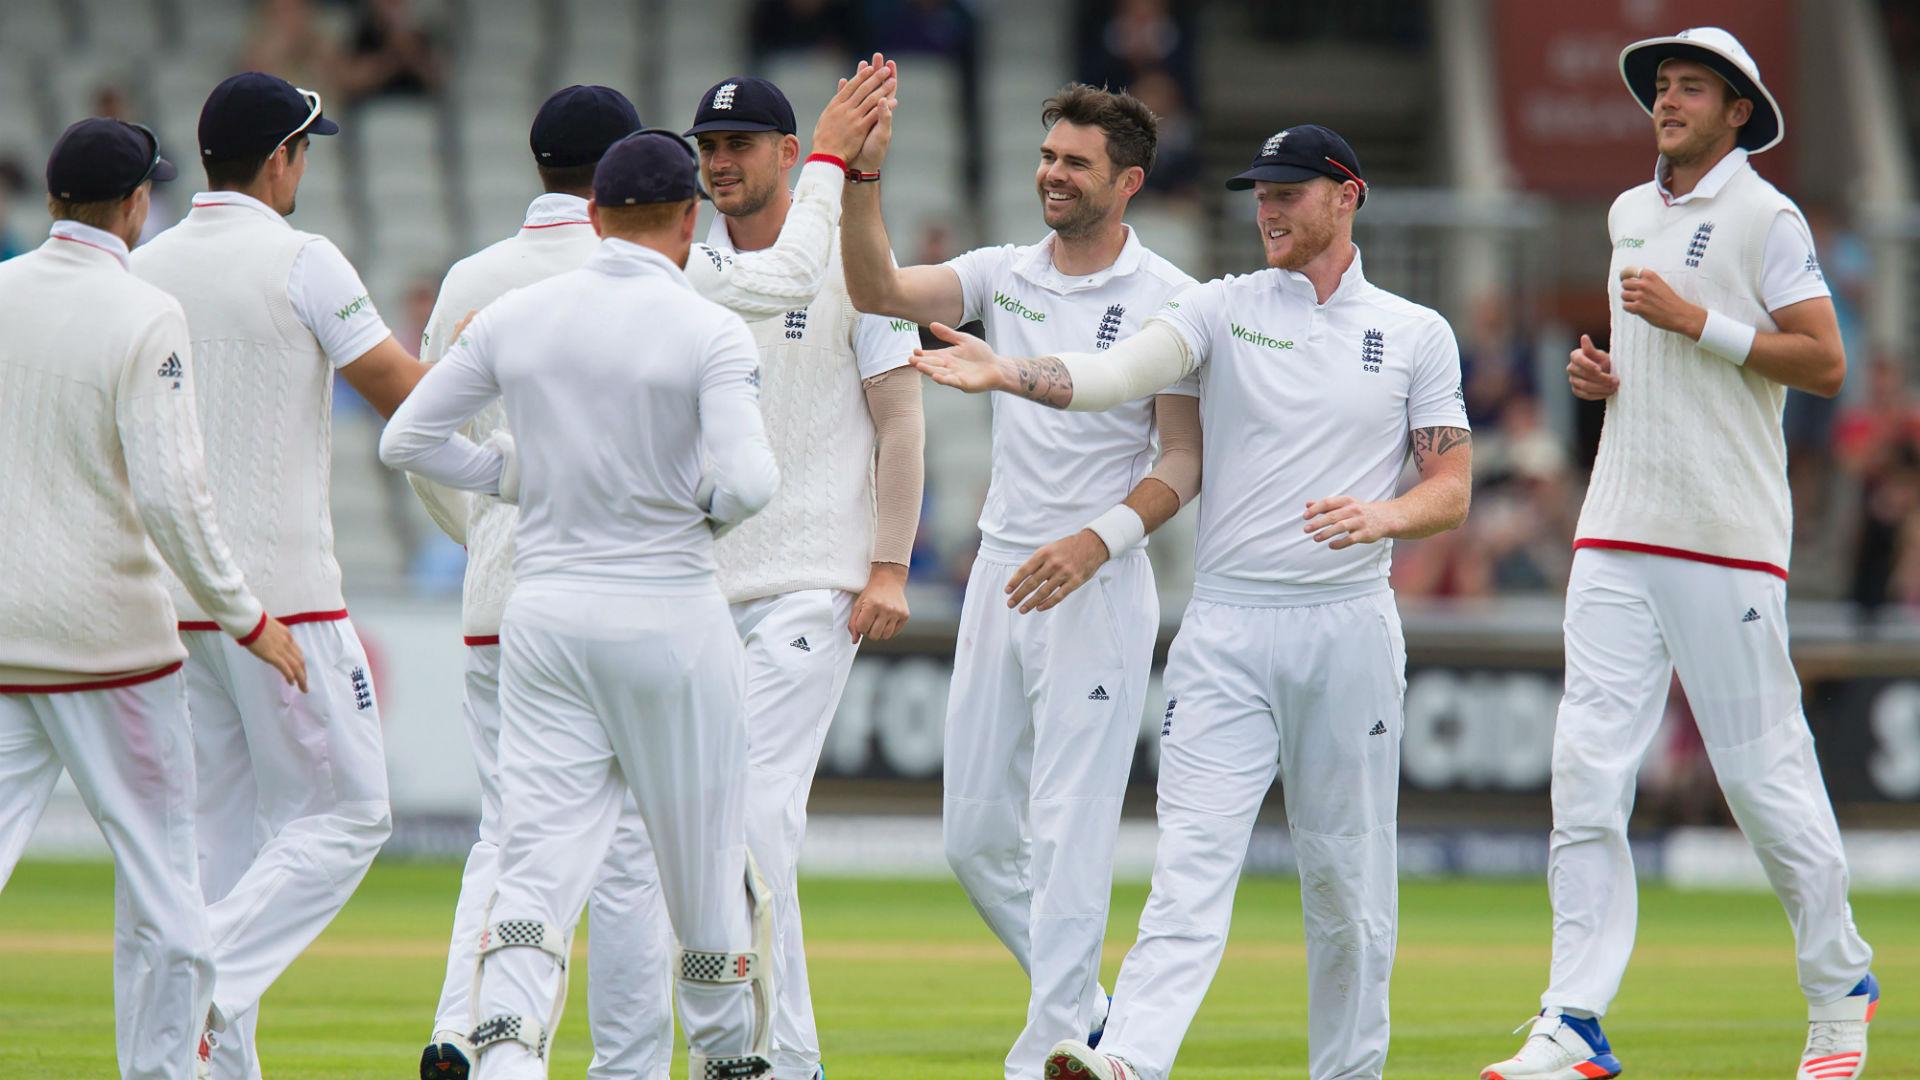 भारत को मात देने के लिए इस रहस्यमयी गेंदबाज को टीम में शामिल कर रहा इंग्लैंड 15